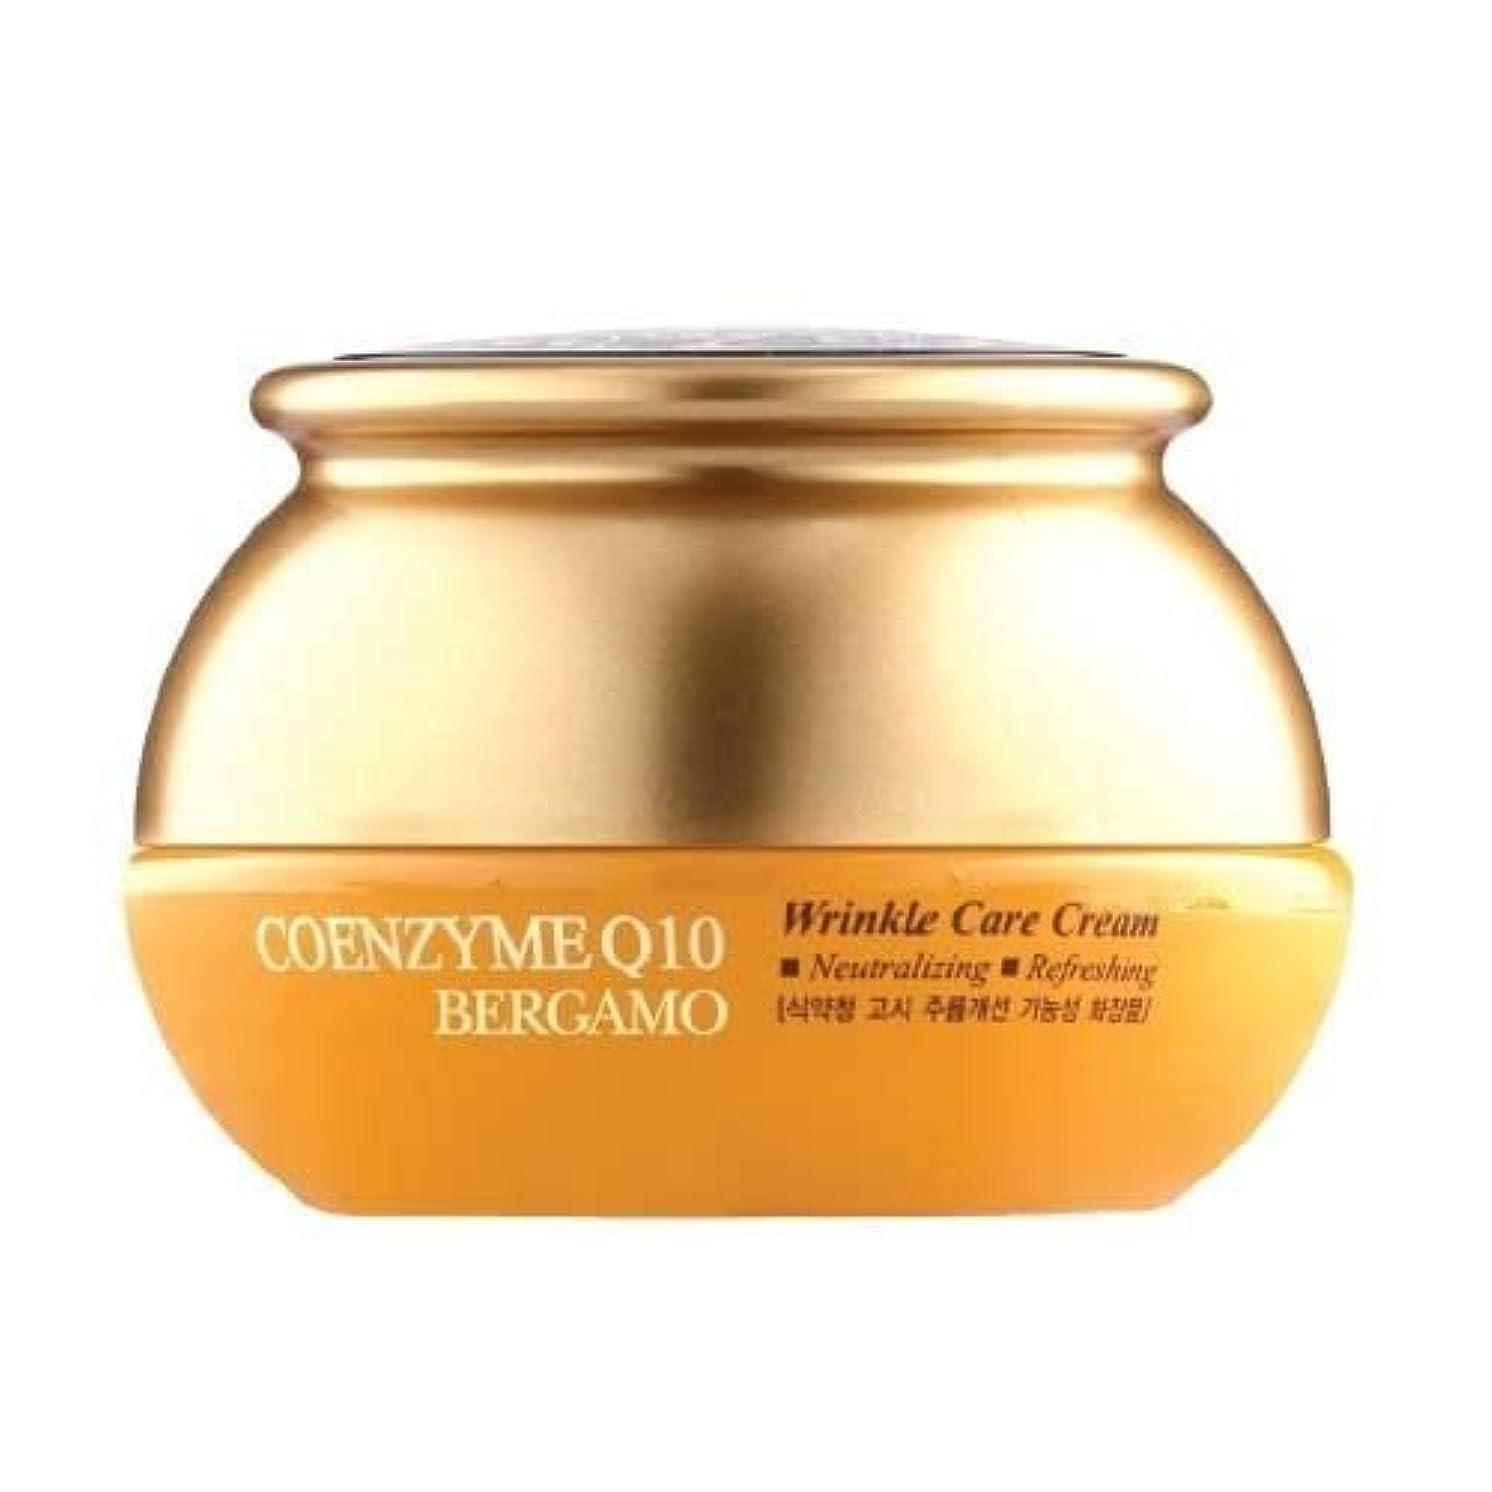 爆発するシャツ公式ベルガモ[韓国コスメBergamo]Coenzyme Q10 Wrinkle Care Cream コエンザイムQ10リンクルケアクリーム50ml しわ管理 [並行輸入品]